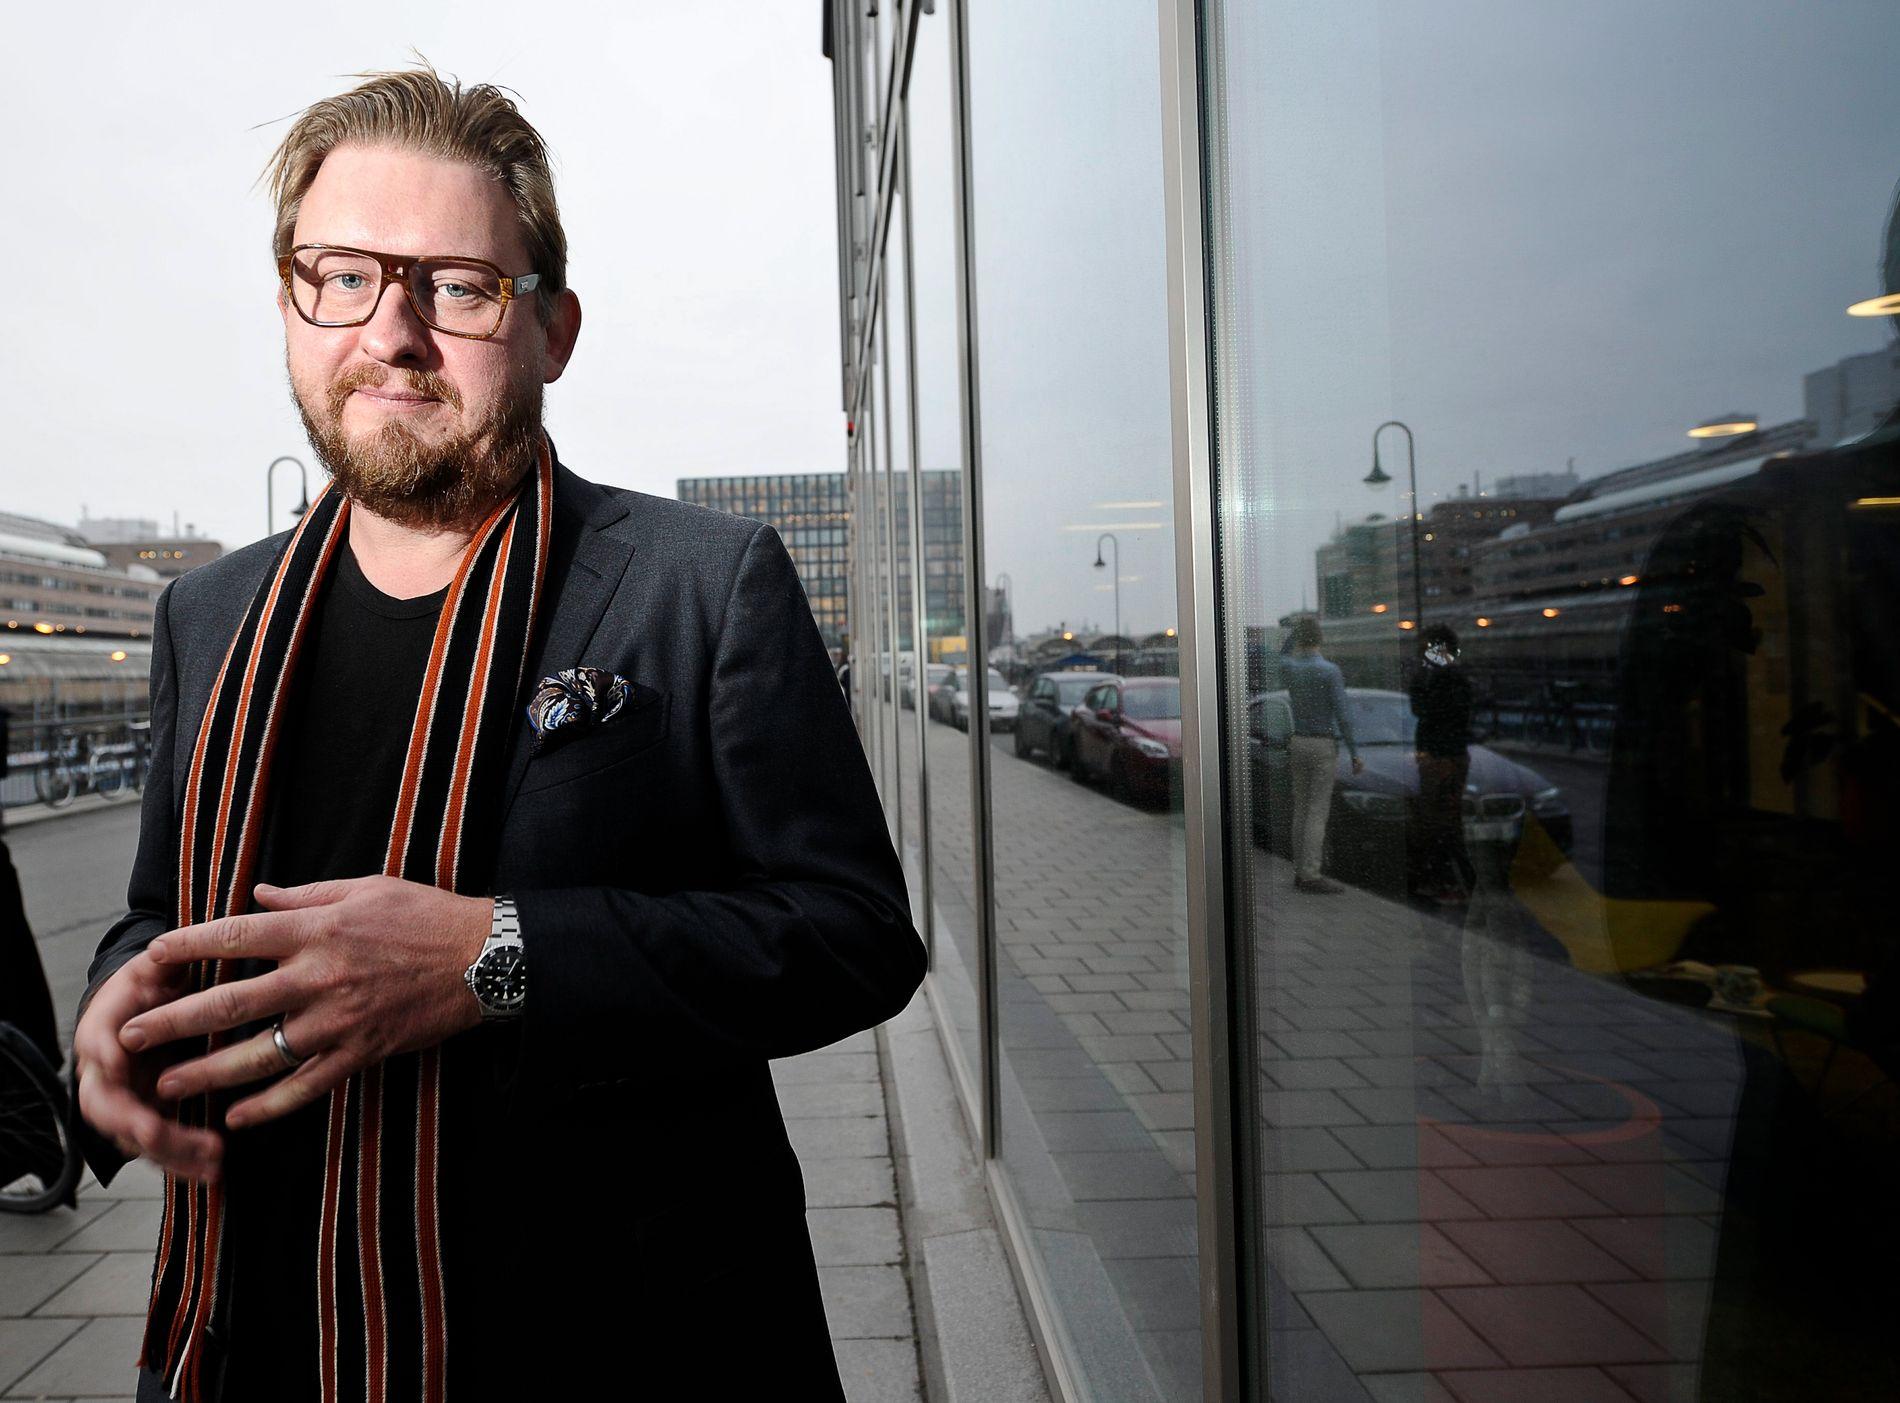 SKJEVT? – Det er etter min oppfatning ganske ubehagelig å se hvordan «Uppdrag granskning» feiler i å balansere mellom Fredrik Virtanen (bildet) og Cissi Wallin, skriver Heidi Helene Sveen.